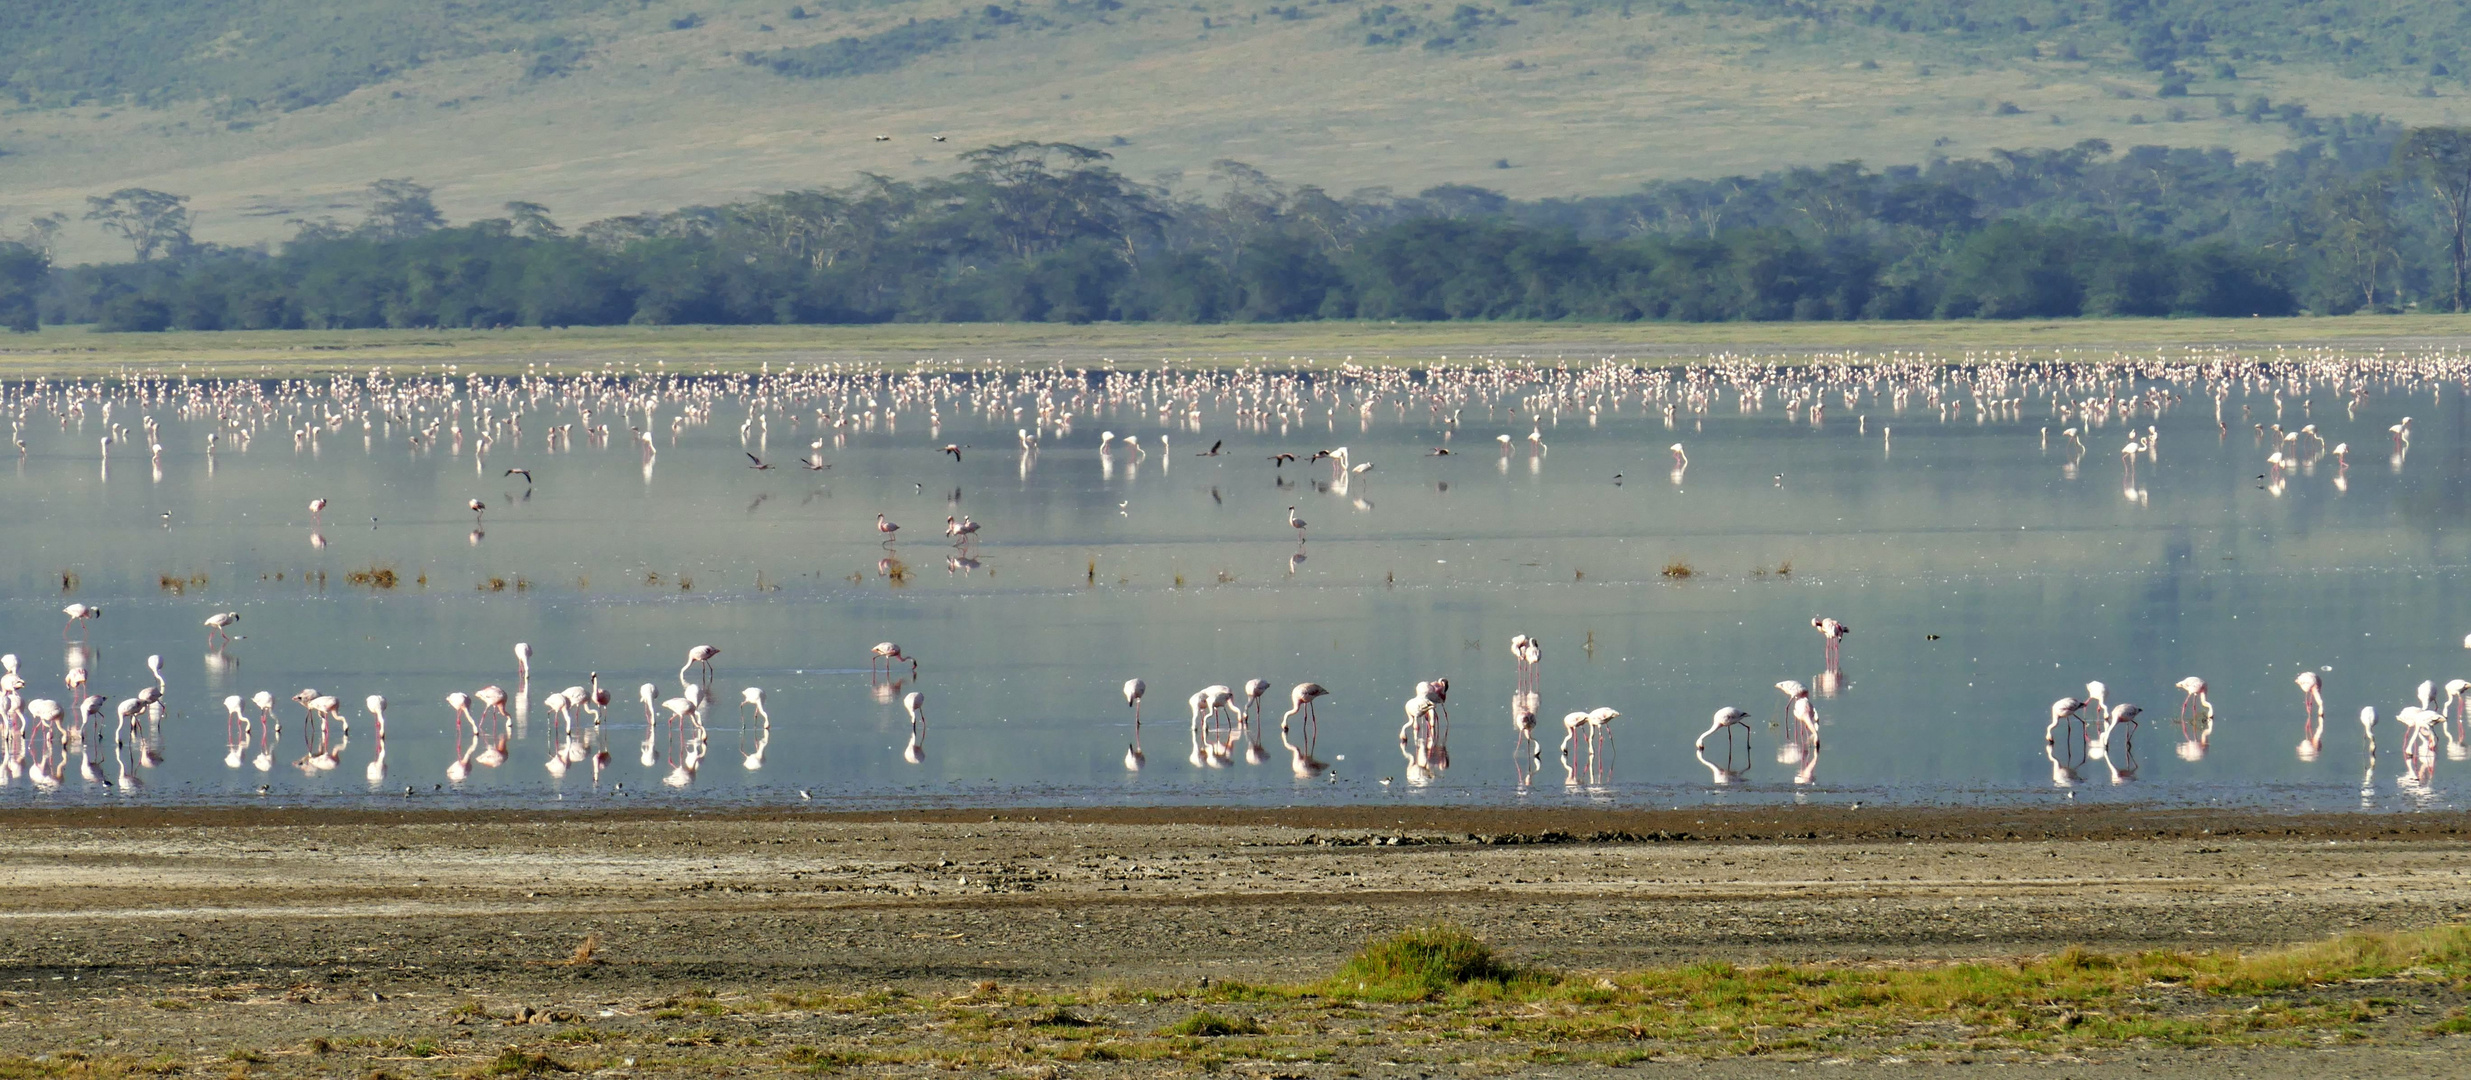 ...Flamingos so weit das Auge reicht...